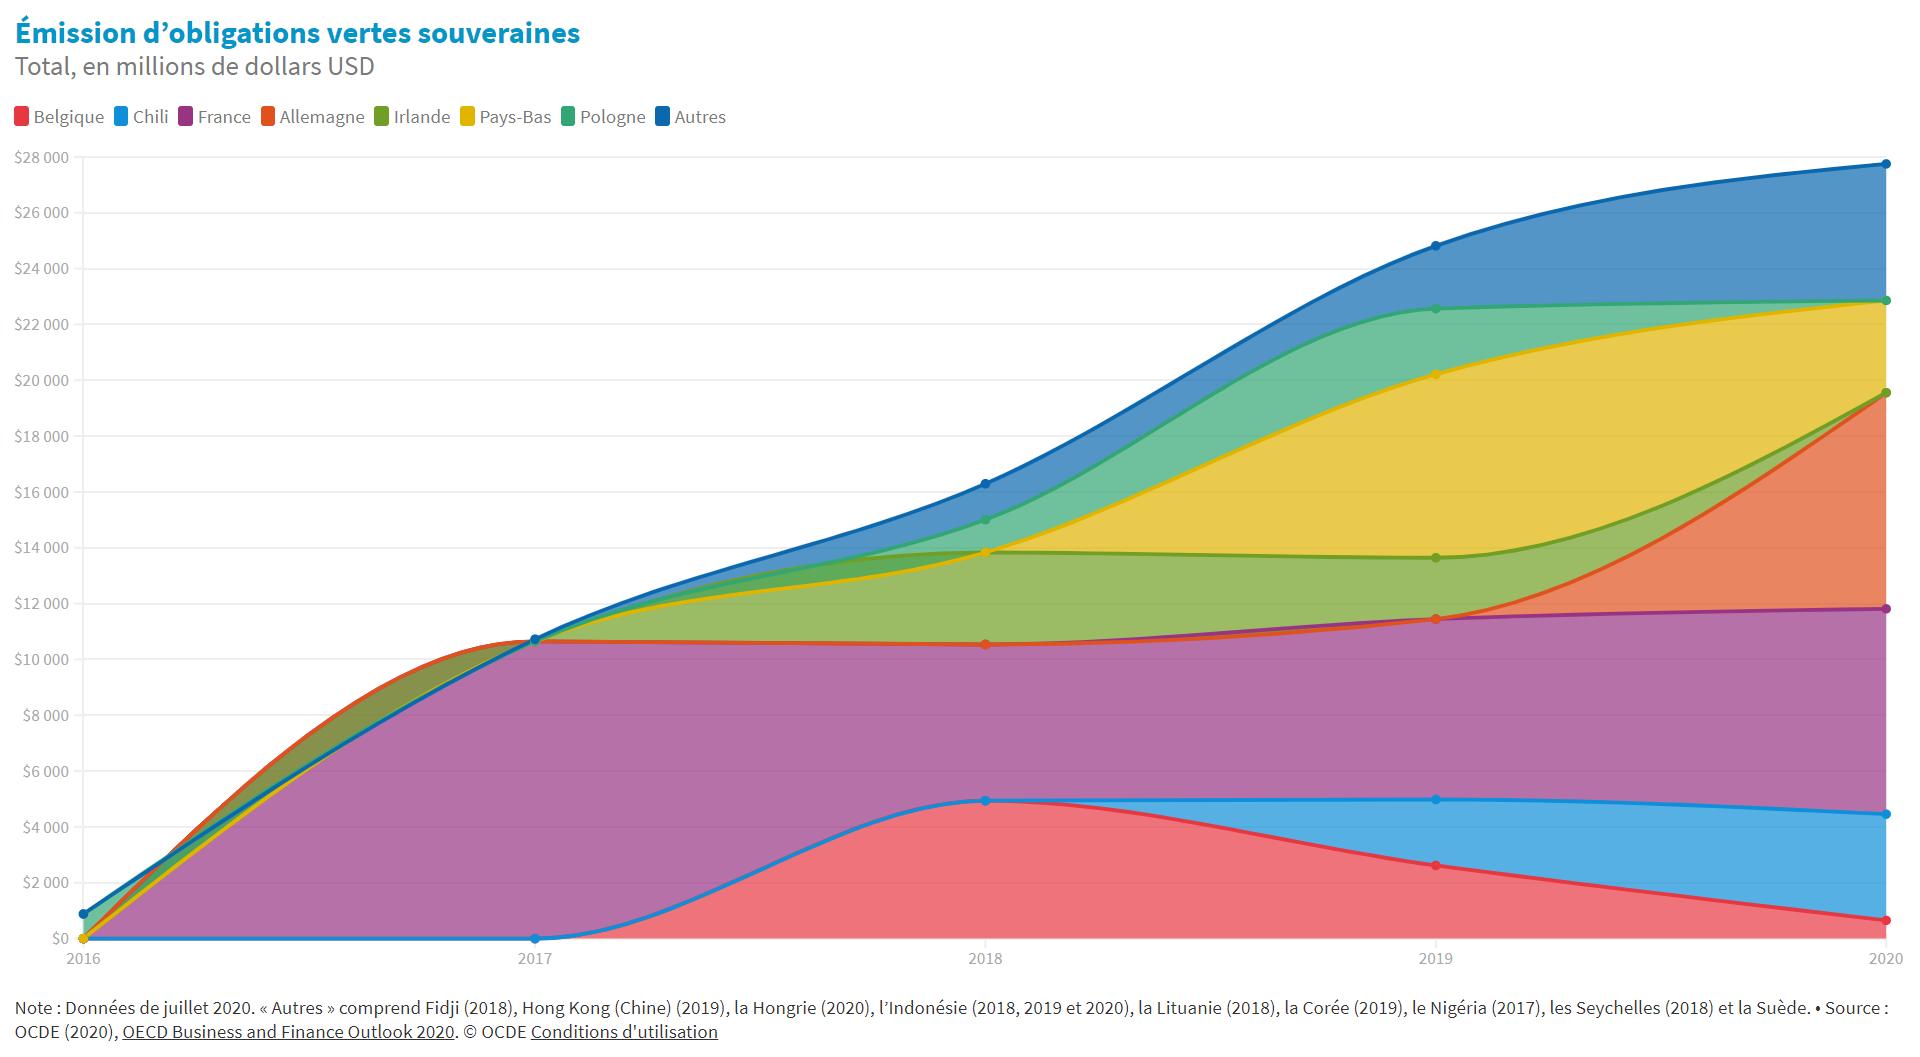 Un élan croissant pour les obligations vertes souveraines